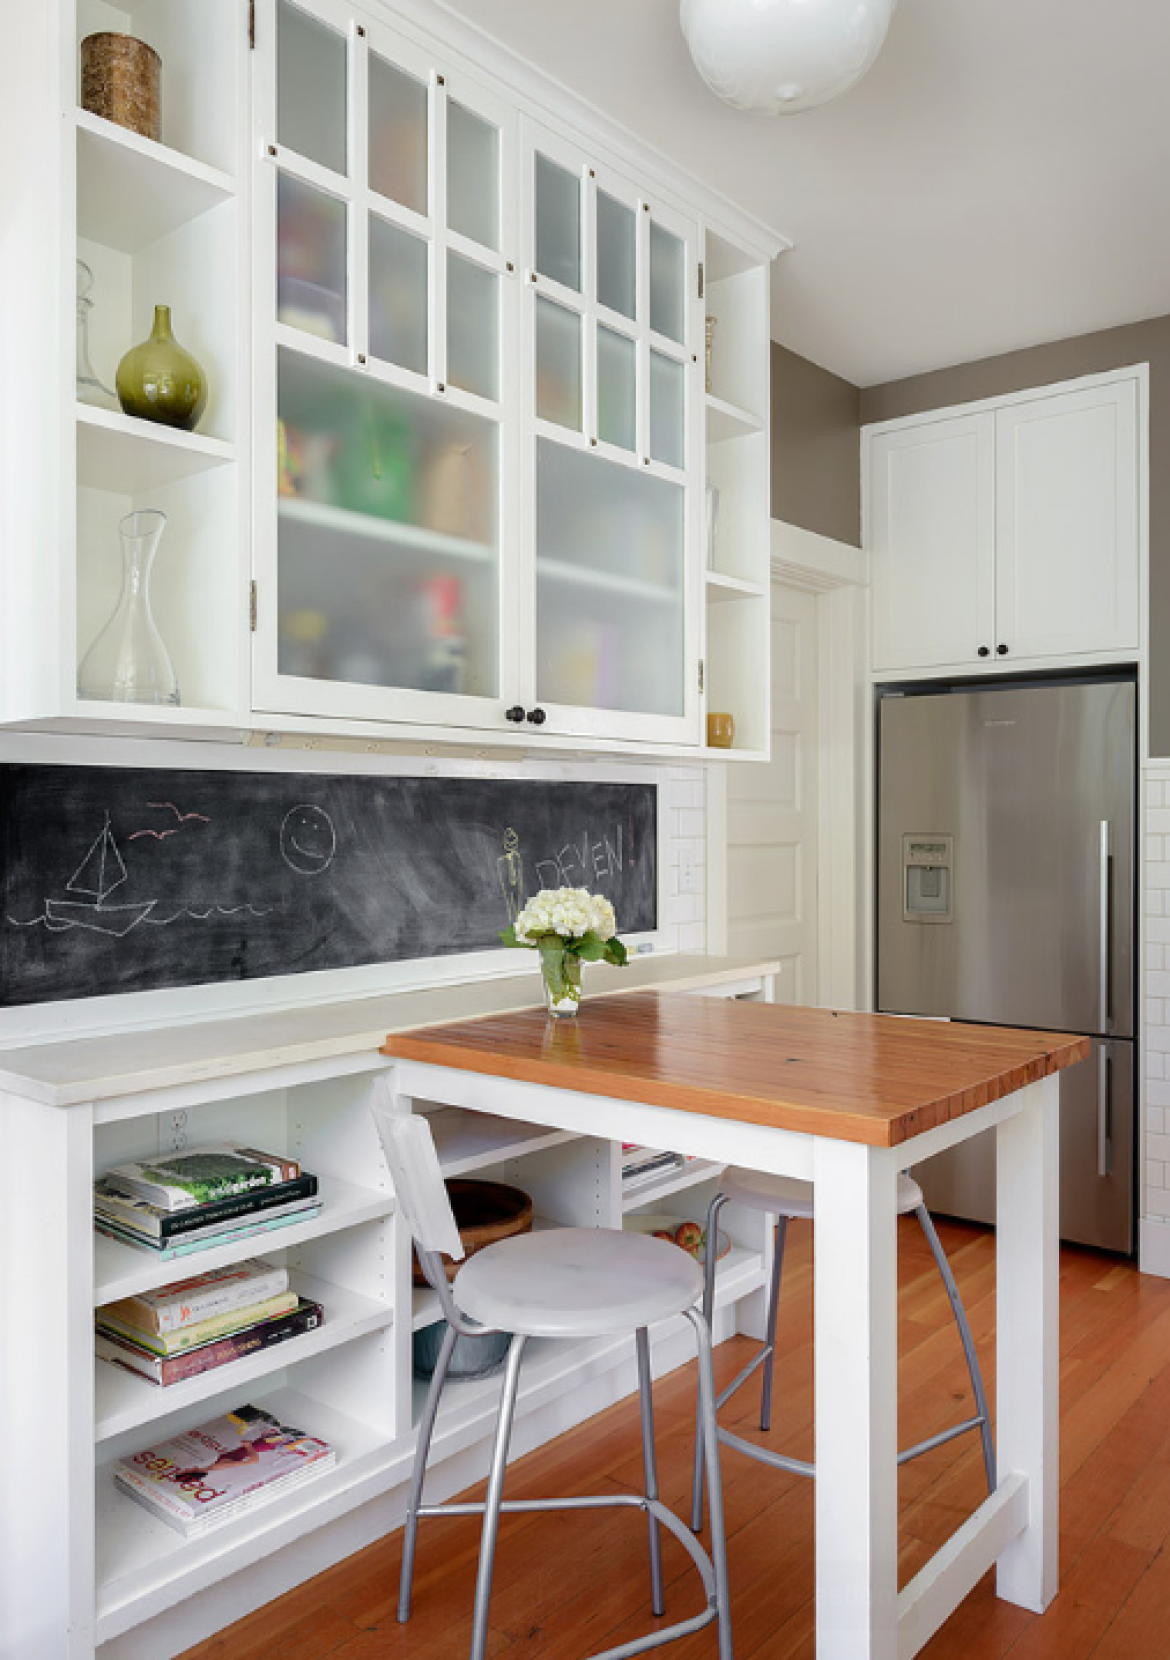 Грифельная доска в интерьере кухни - фото дизайн интерьера.